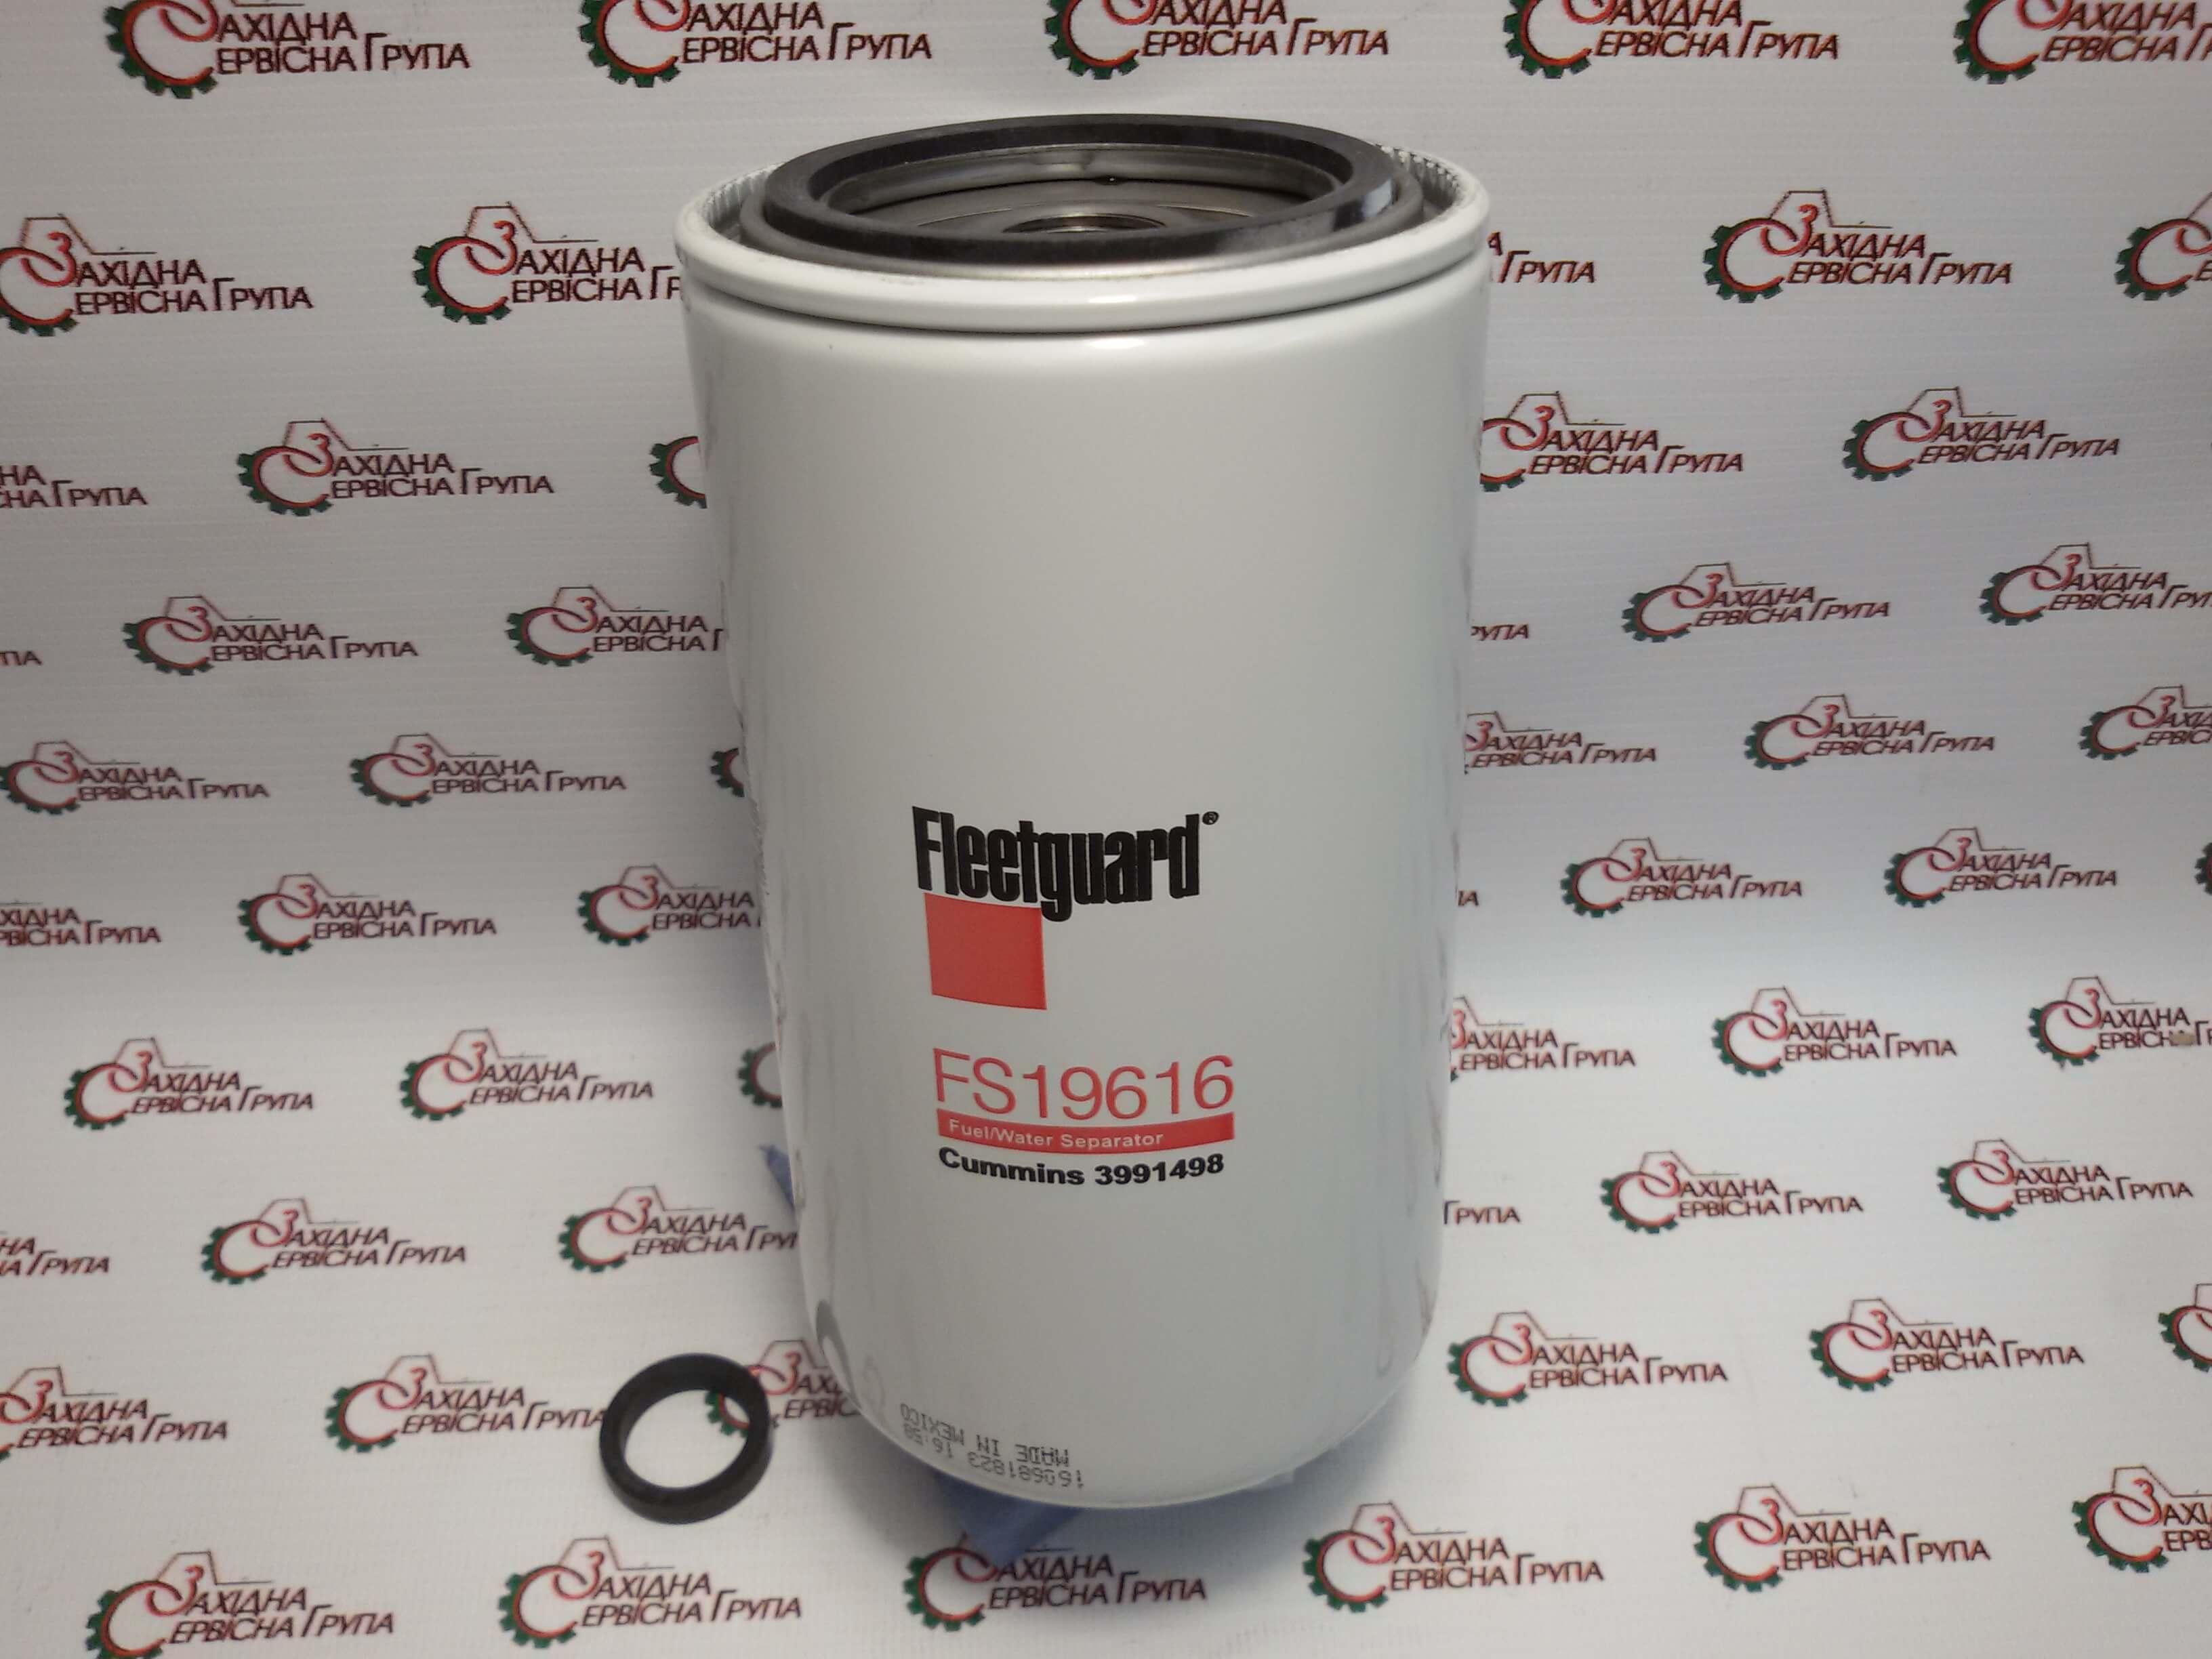 Фильтр топливный Cummins Fleetguard FS19616, 3991498.